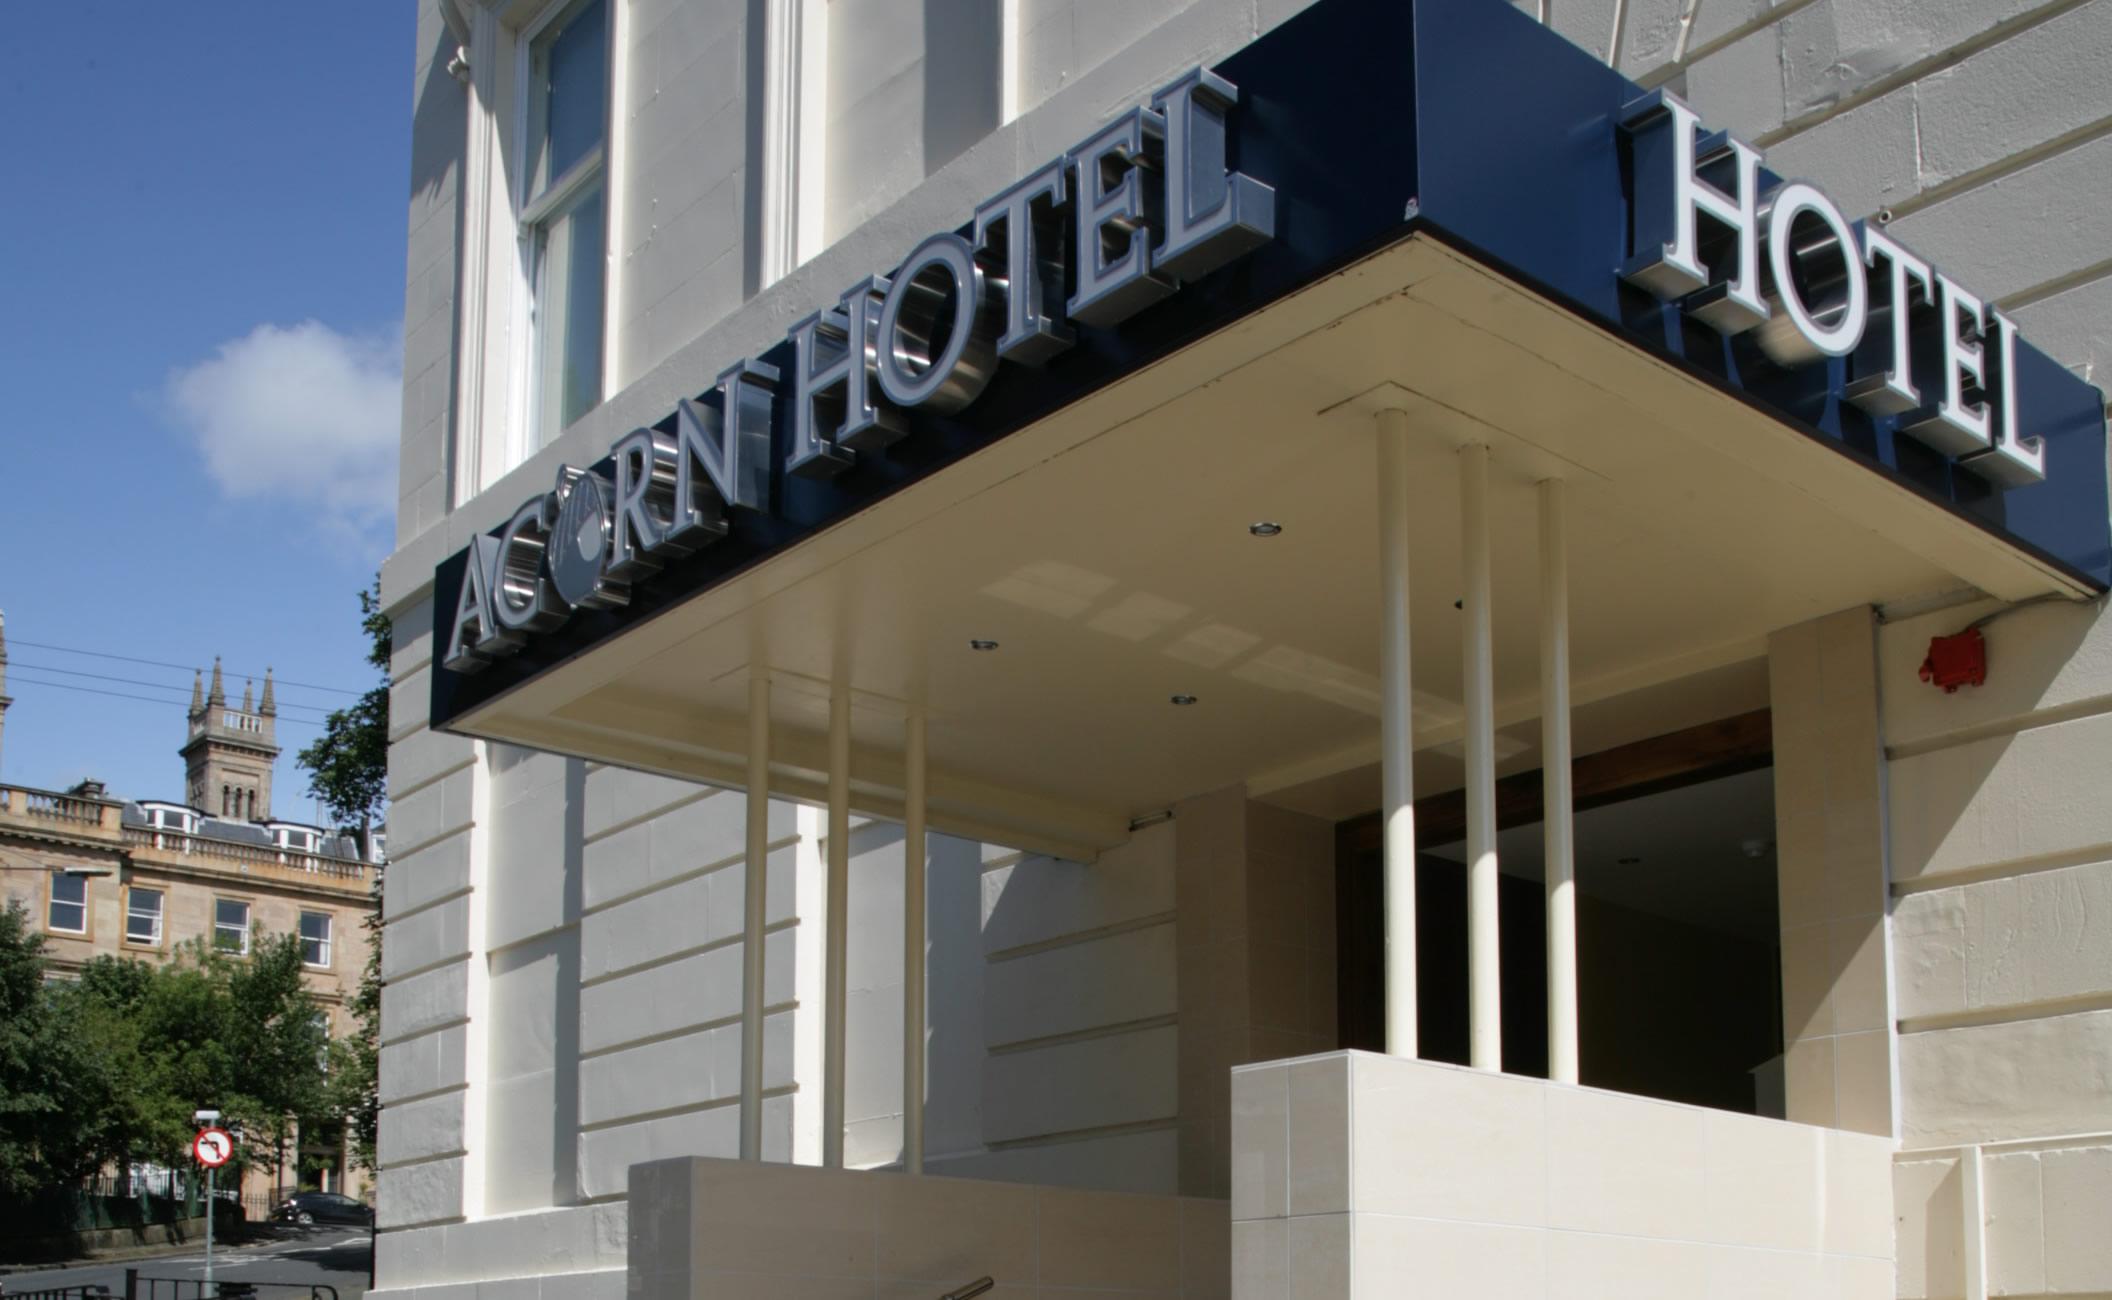 Acorn Hotel Exterior